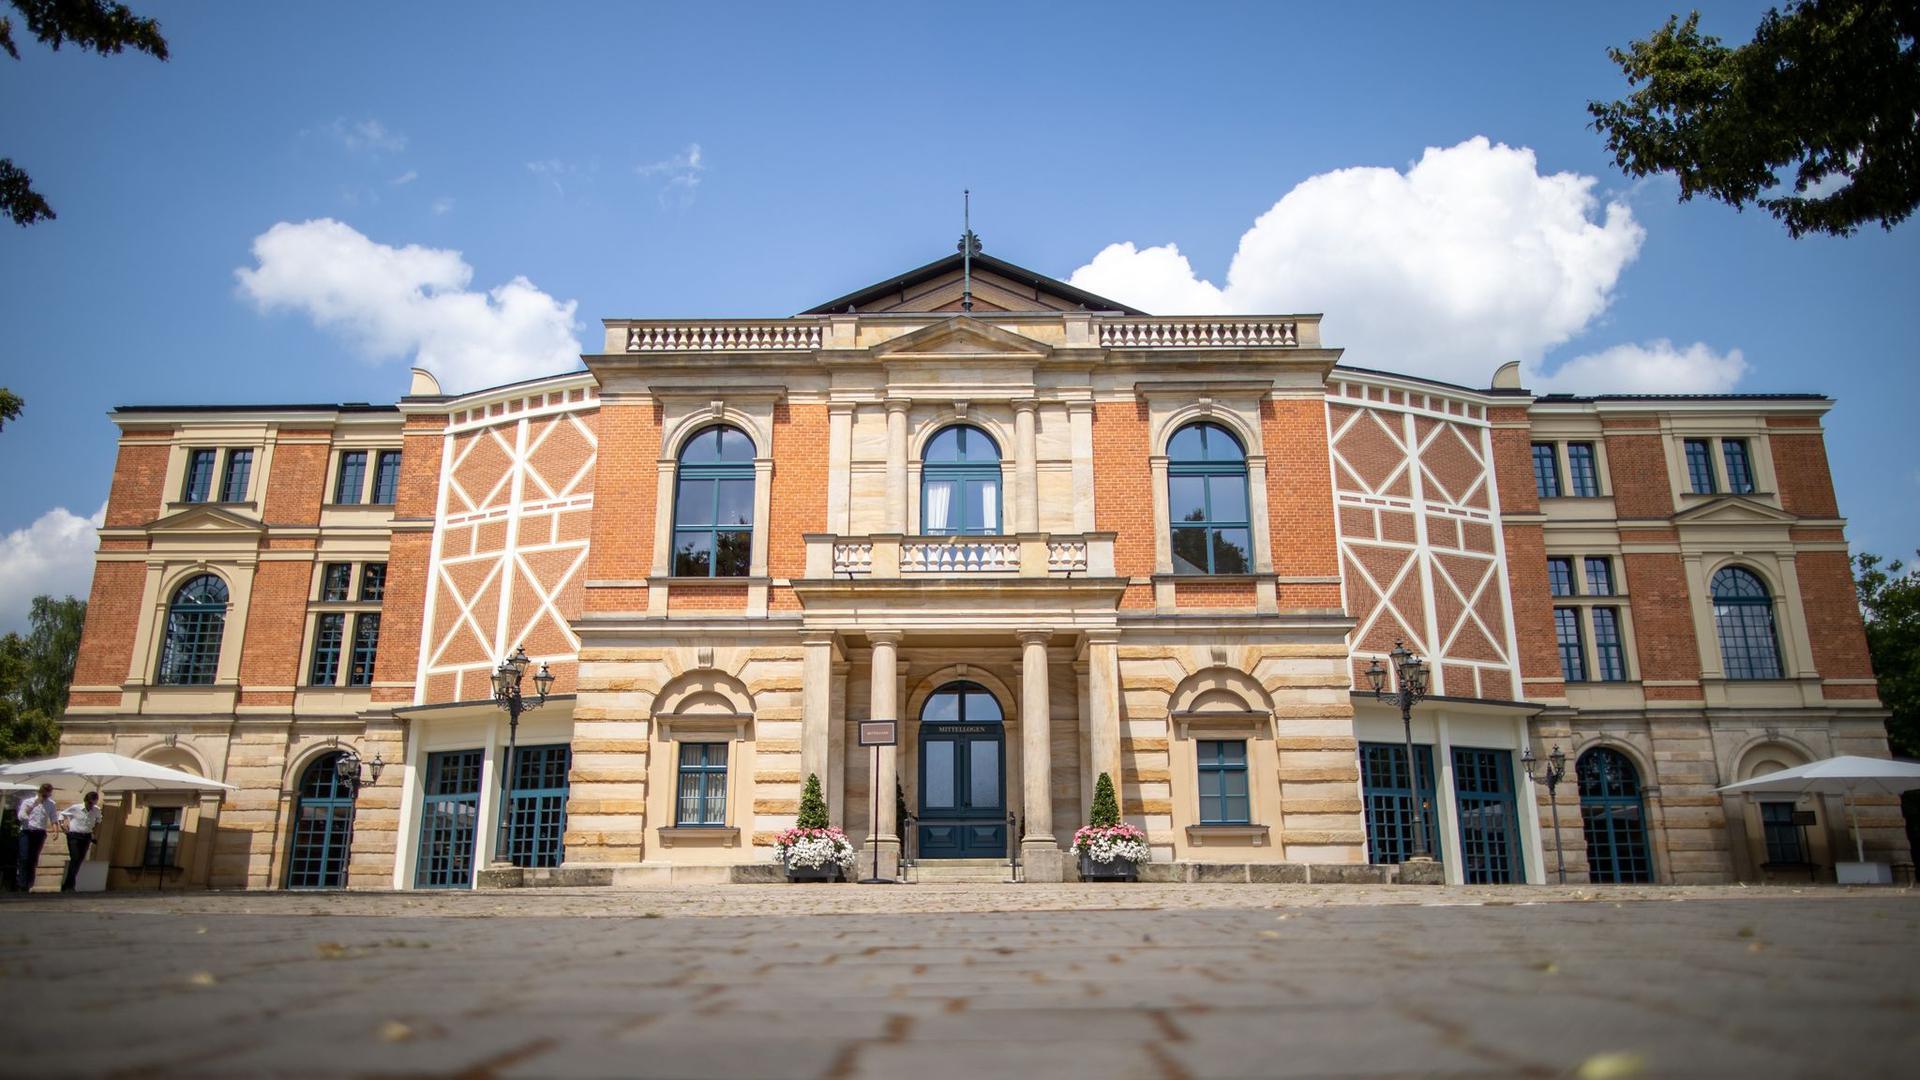 Das Bayreuther Festspielhaus. Am 25.07.2021 beginnen die Bayreuther Festspiele.